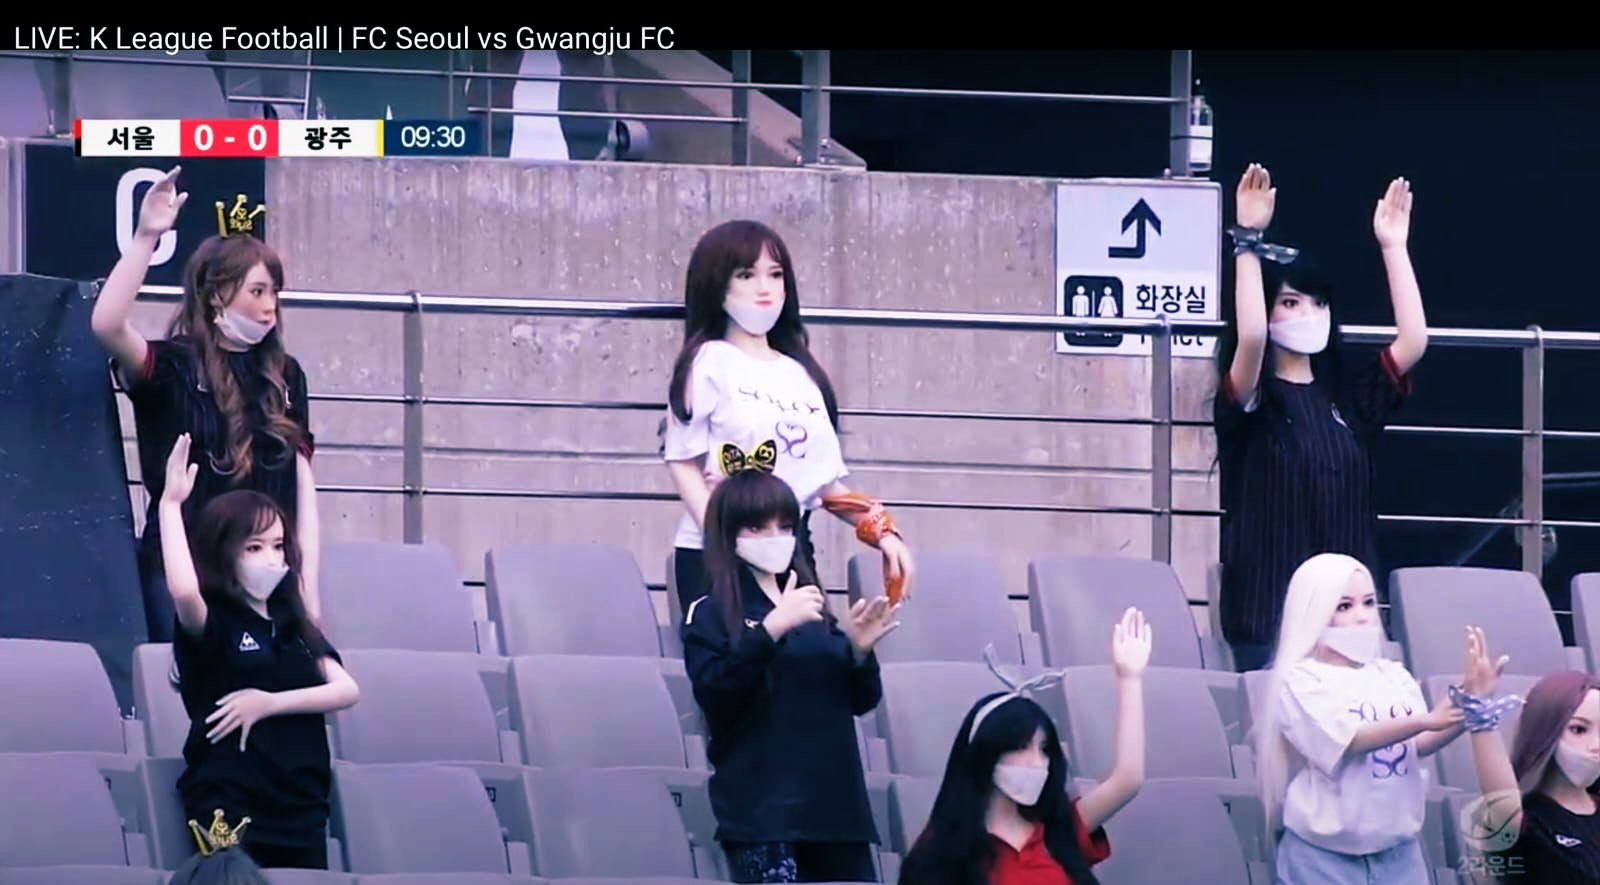 """È costata una multa record da oltre 80 mila dollari (100 milioni di won) la singolare iniziativa dell'FC Seul, in Corea del Sud, di posizionare sugli spalti delle bambole gonfiabili al posto degli spettatori assenti per le misure anti coronavirus. La partita doveva giocarsi a porte chiuse e sulle sedie erano state collocate delle bambole con indosso magliette o loghi riferiti ad un venditore di sex toys. Una mossa duramente criticata dalla K-League, che ha accusato il club di avere così """"profondamente umiliato le sue fan"""". La notizia dell'incidente aveva fatto il giro del mondo. Dopo aver esaminato il caso, la K-League ha accolto la giustificazione secondo cui la società calcistica non sapeva che i manichini fossero giocattoli sessuali, precisando però che """"avrebbe potuto facilmente riconoscere la loro funzione usando il buon senso e l'esperienza"""". """"La polemica su questo episodio - ha concluso la Lega coreana - """"ha profondamente umiliato e ferito le fan e danneggiato l'integrità della lega""""."""